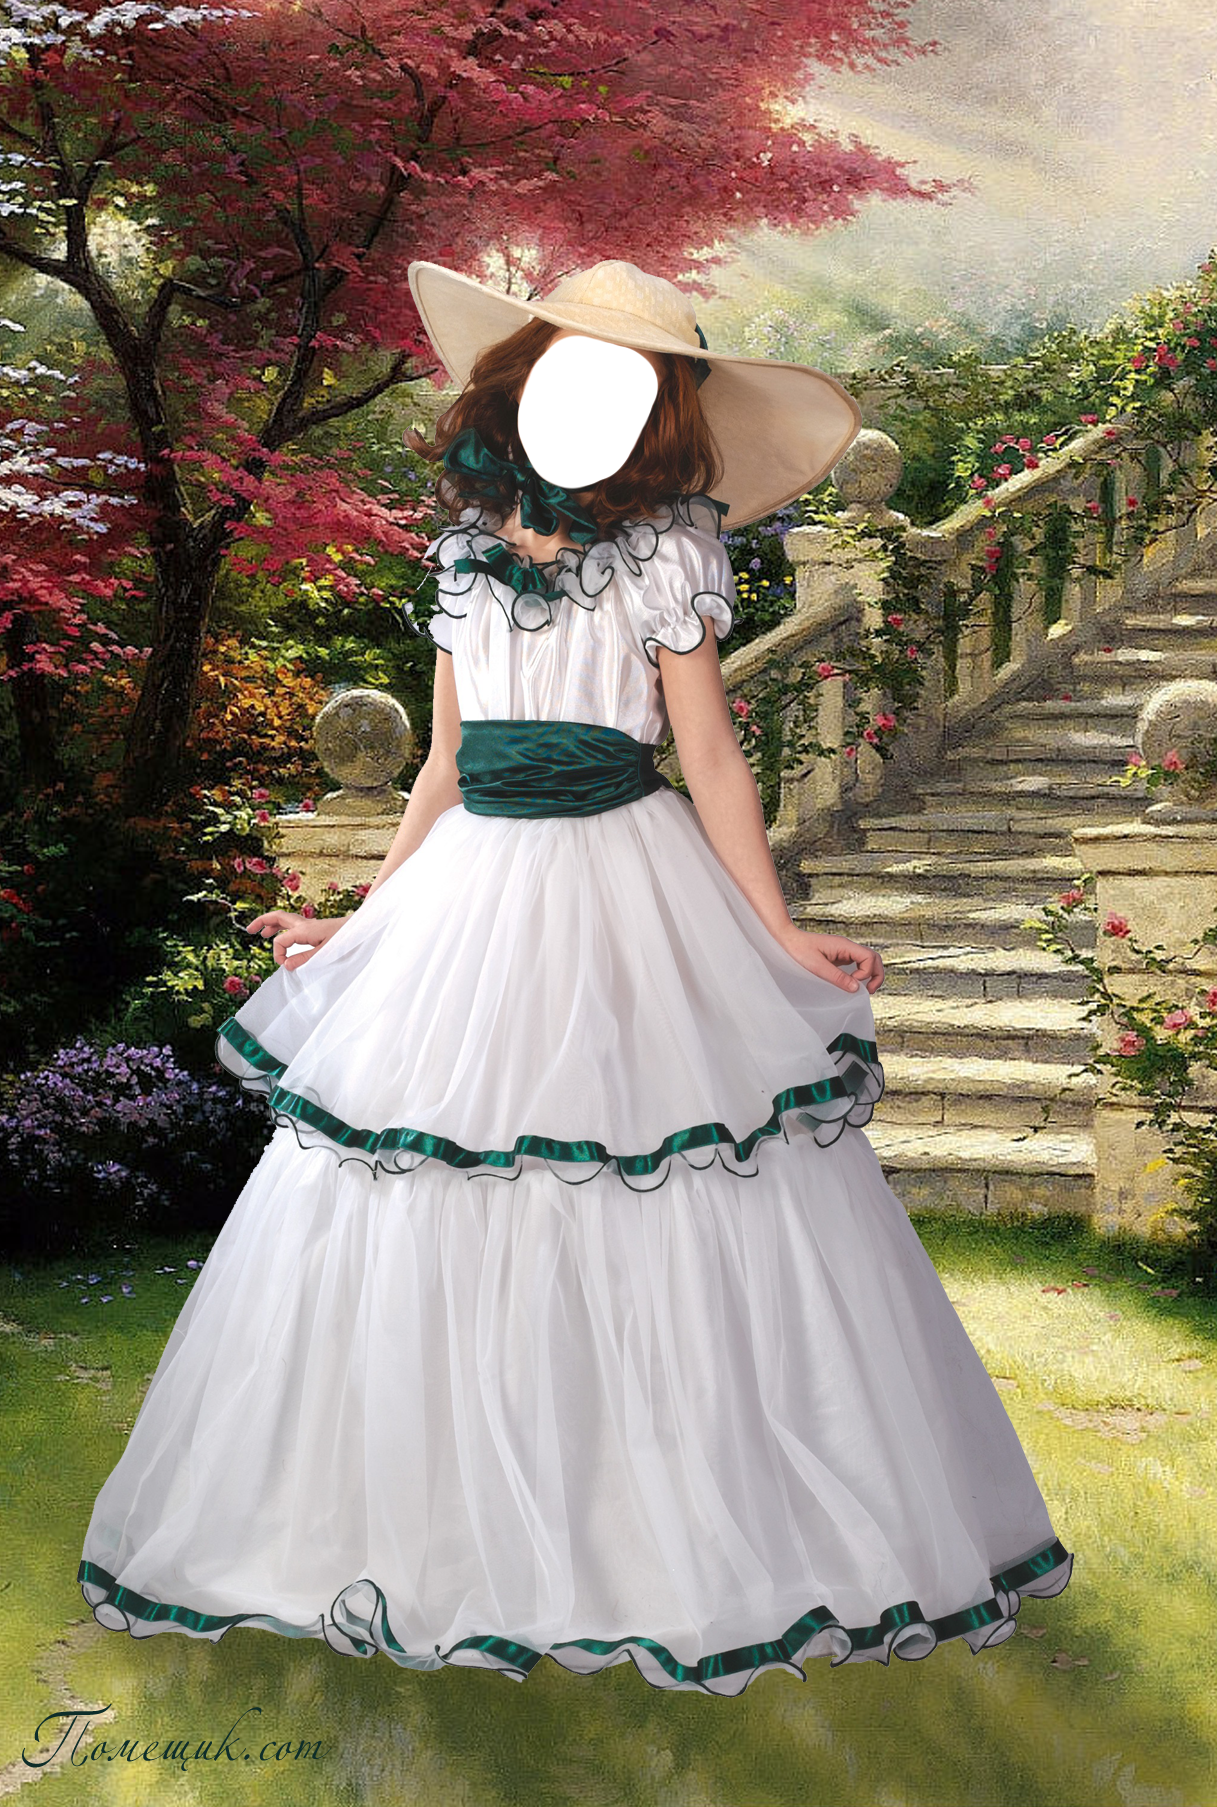 Роскошный шаблон для женского фотомонтажа, использовав который вы превратитесь в прекрасную леди в бальном наряде